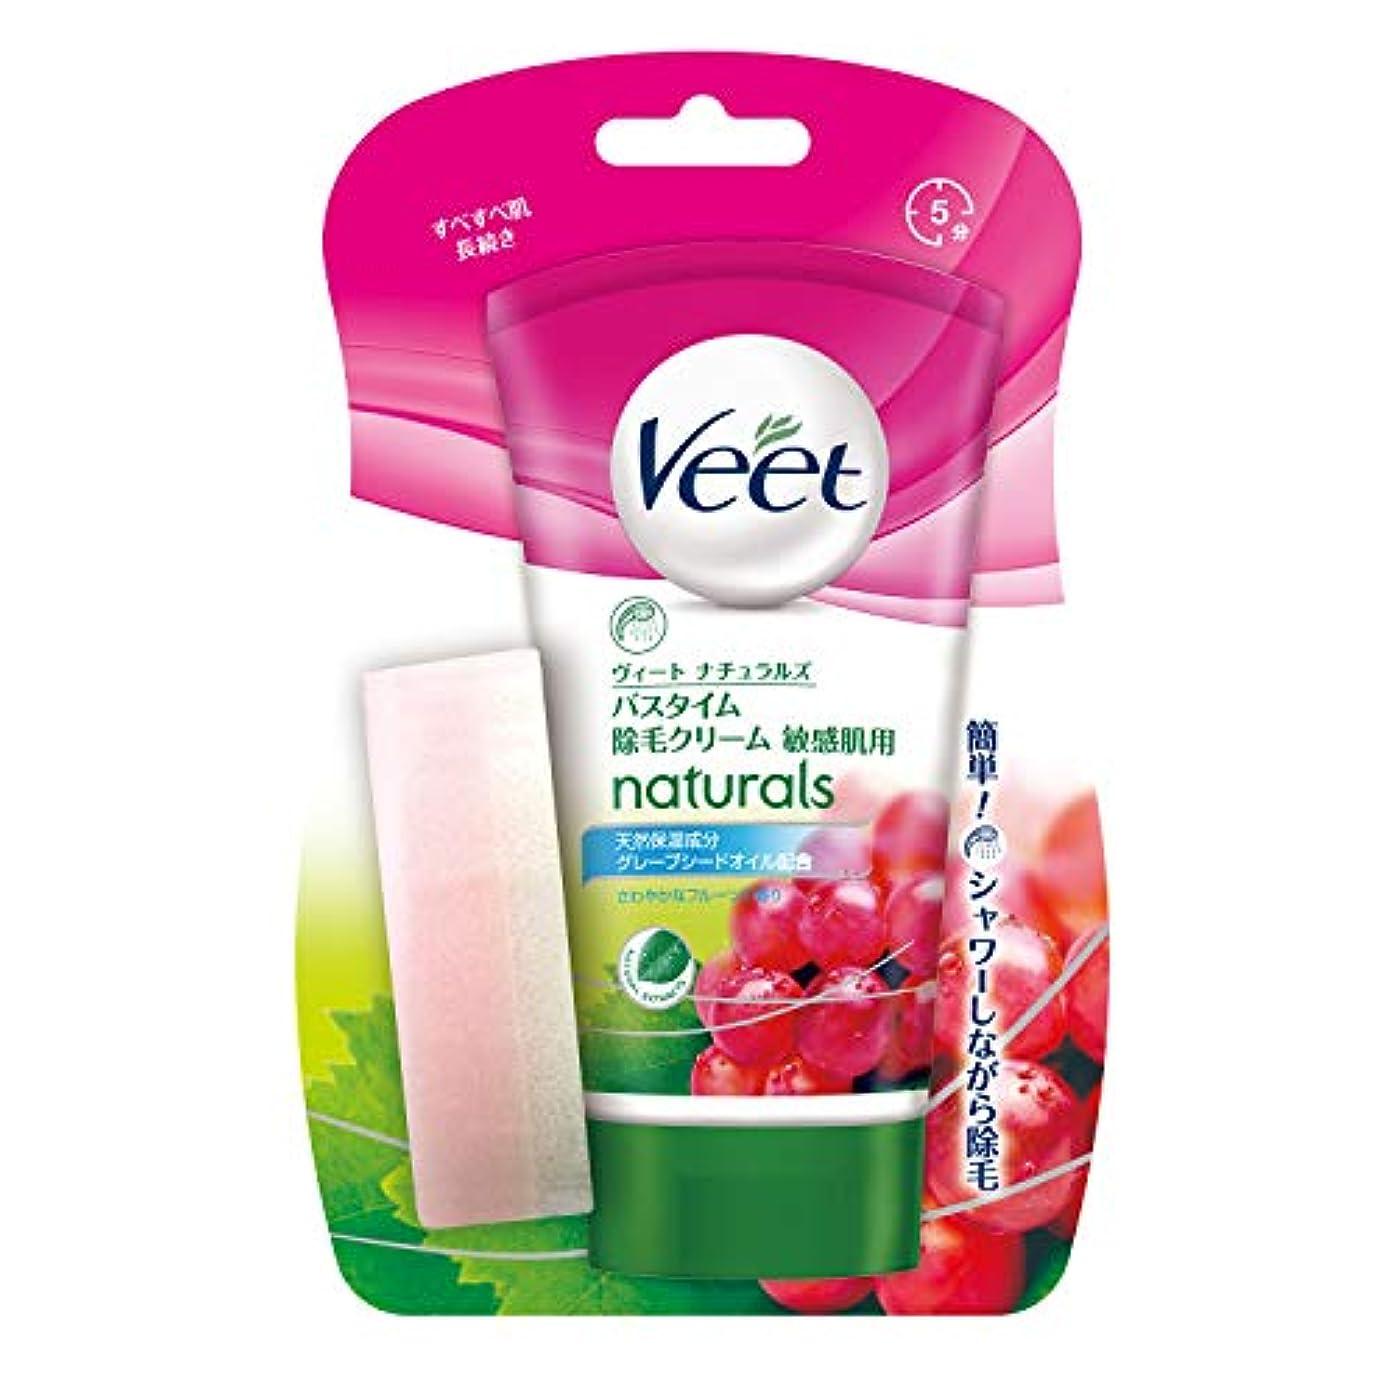 夜ヒゲクジラ蒸発するヴィート バスタイムセン用 除毛クリーム 敏感肌用 150g (Veet Naturals In Shower Hair Removal Cream  Sensitive 150g)